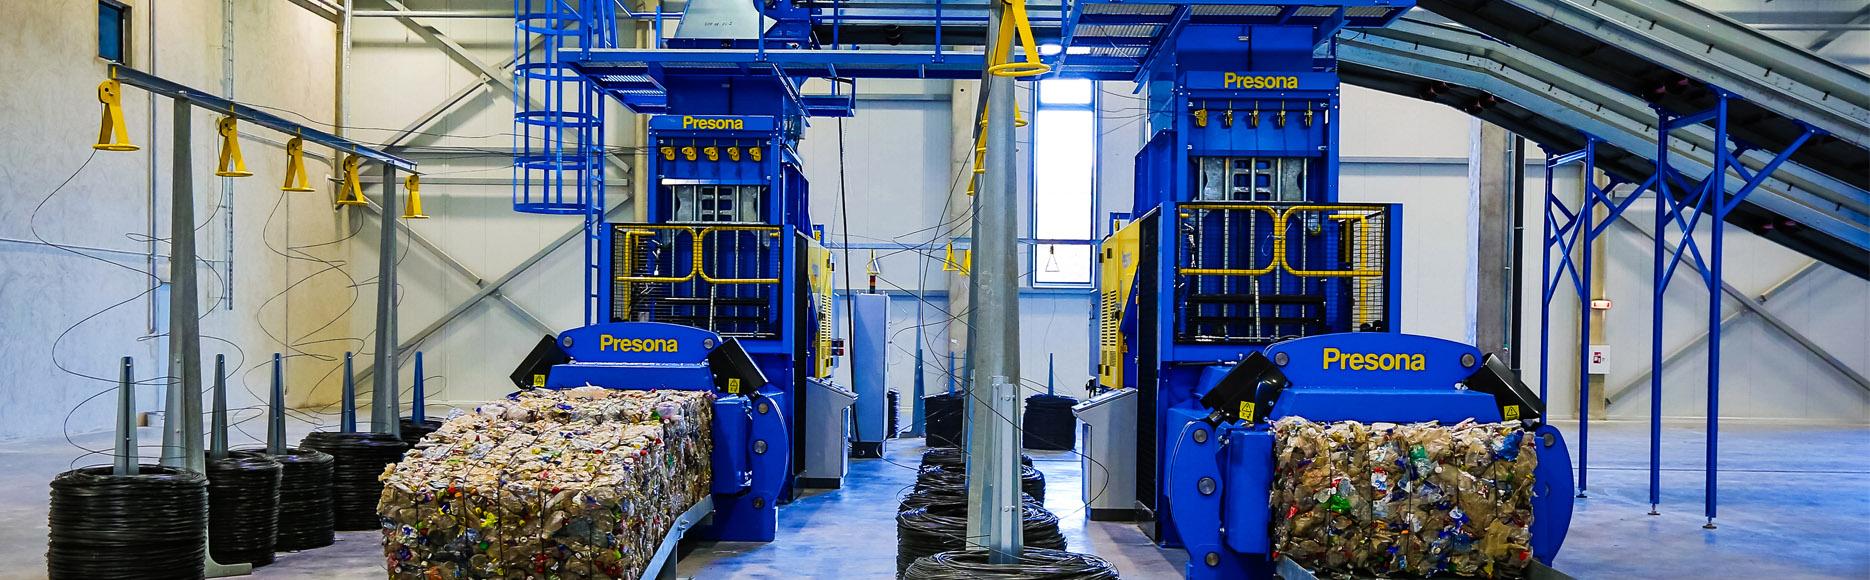 <p>&nbsp; Автоматический горизонтальный пресс для ТБО от европейского производителя Presona в Украине. Пресс изготовлен из Шведской износостойкой стали Hardox 500. Усилие прессования от 60 до 110 тонн. Вес тюка 1000 кг. Производительность от 10 до 22 тонн в час.</p>